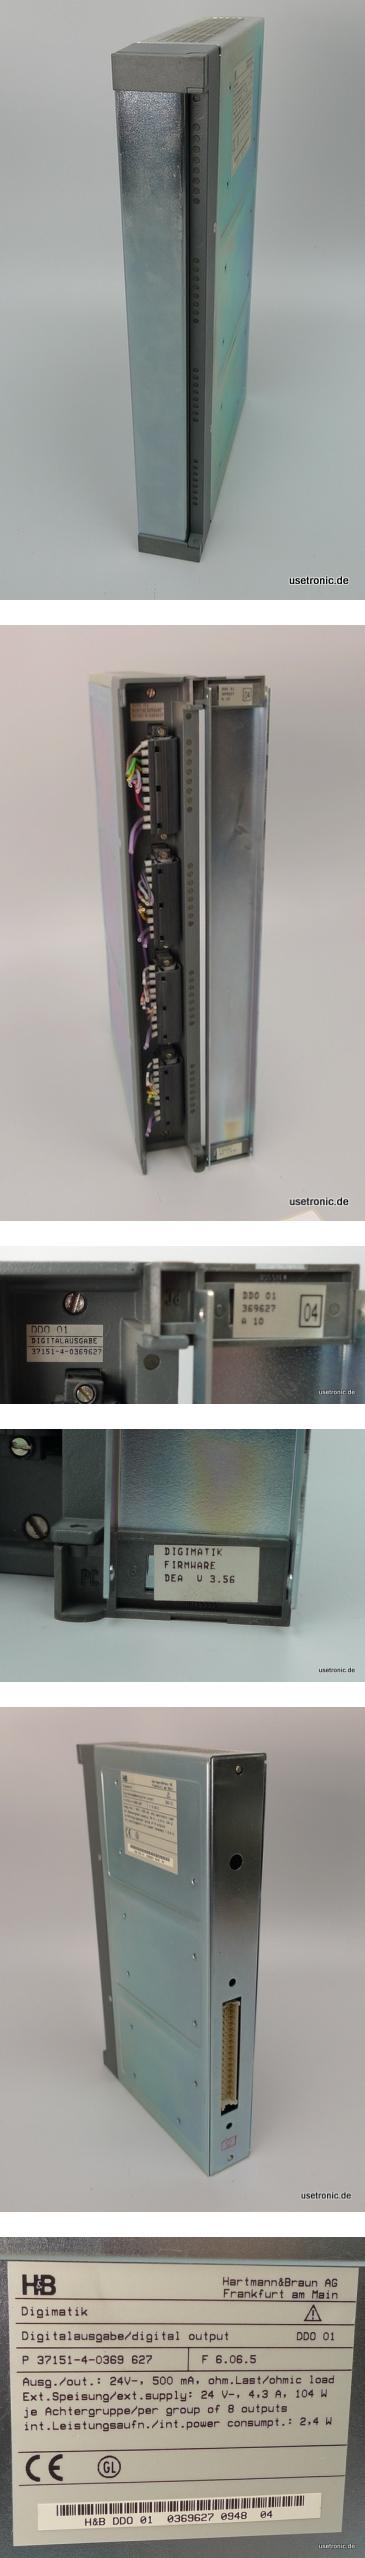 Hartmann Braun Digimatik Digital Out SPS P-37151-4-0369-627 DD0-01